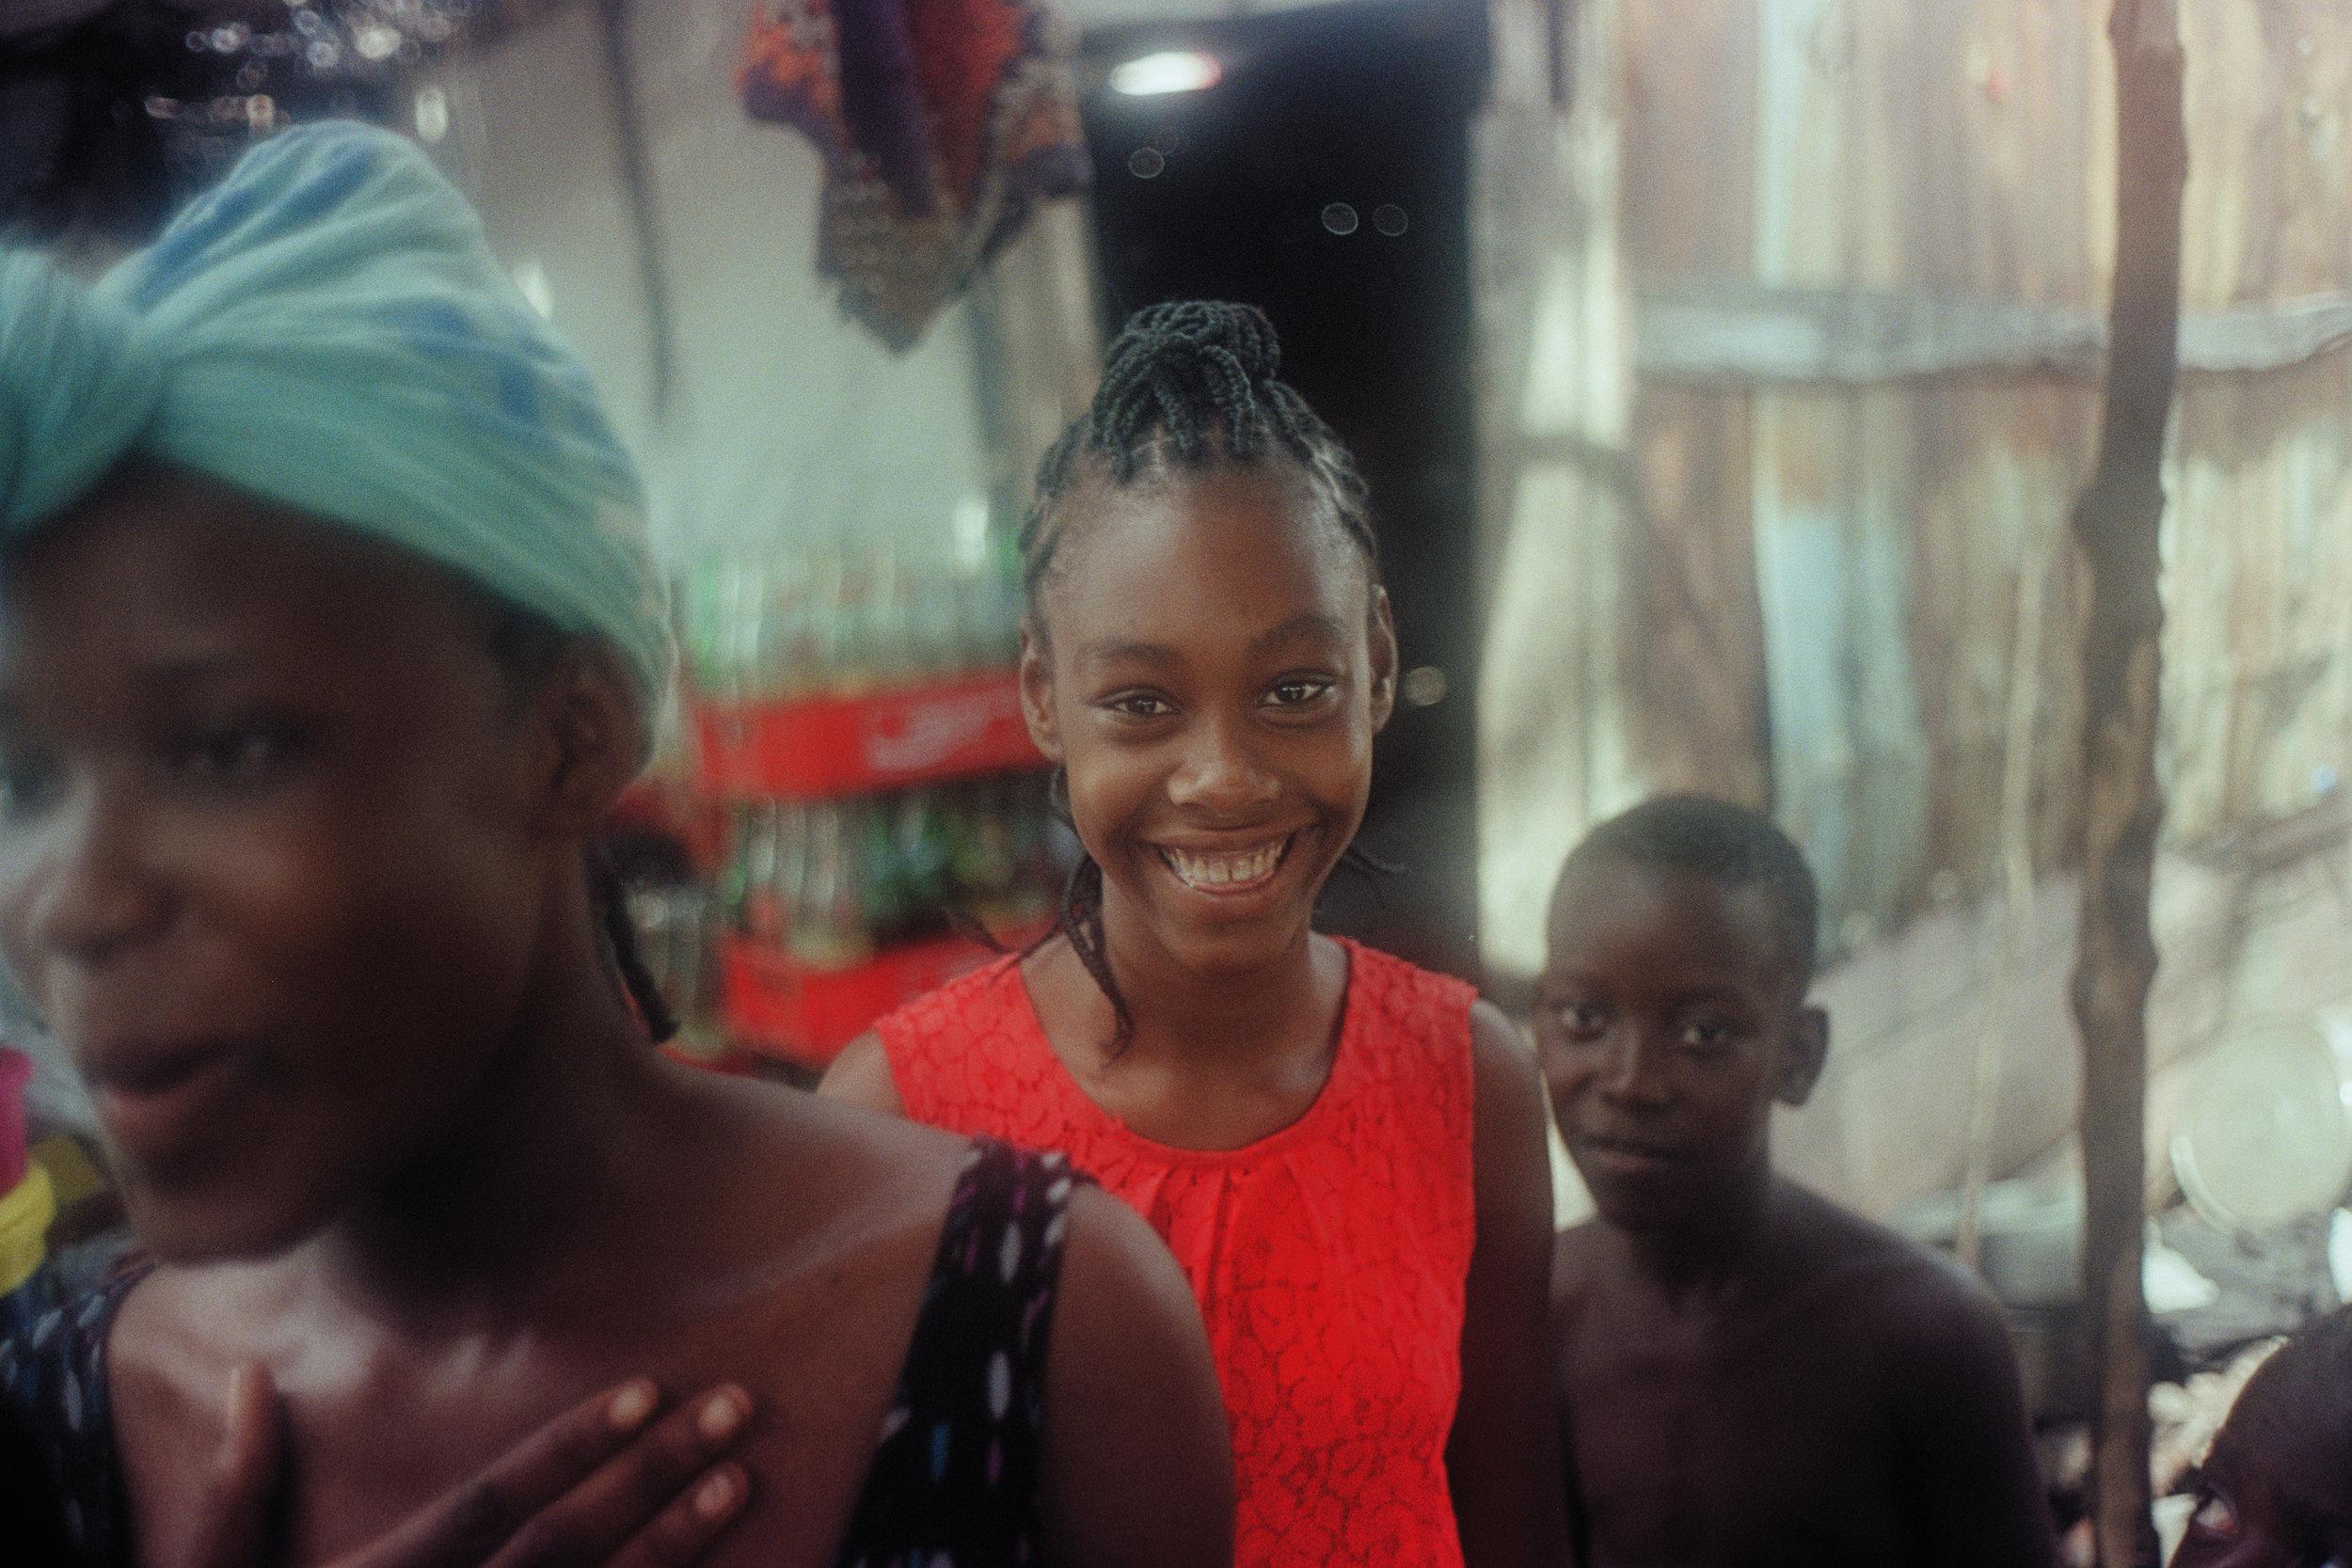 071819_Bahamas and Haiti_selects-37.jpg